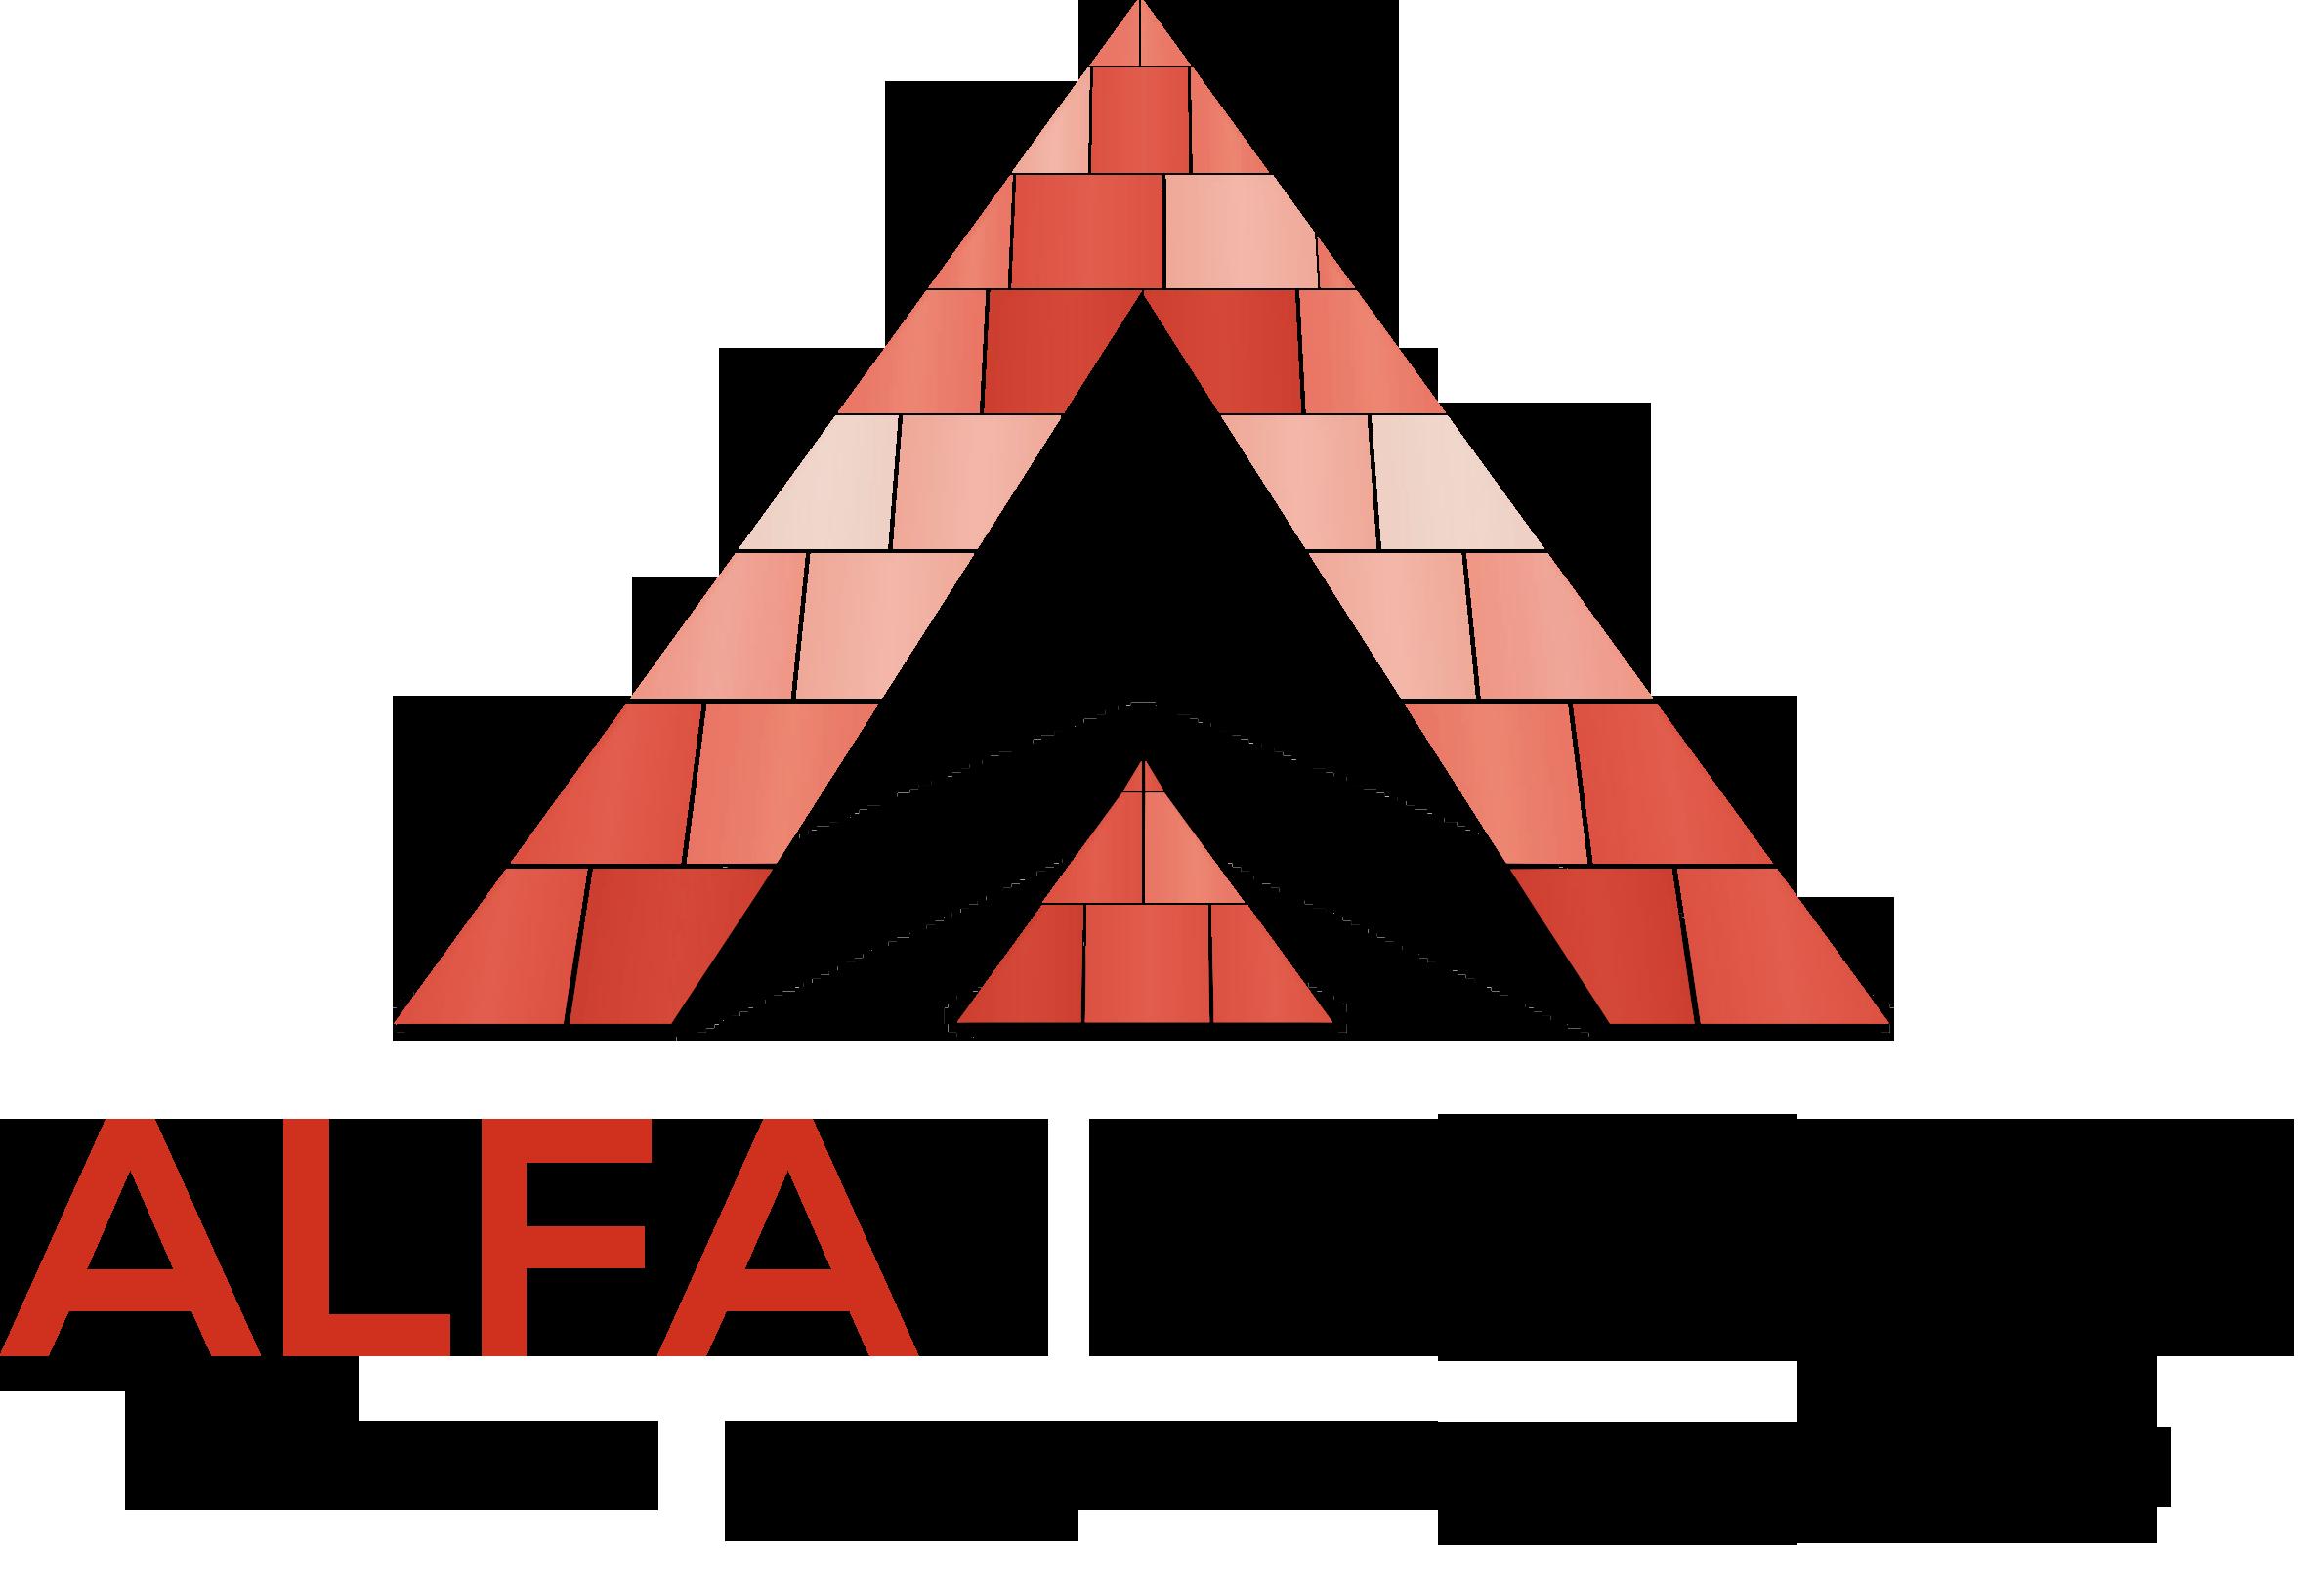 Alfa import